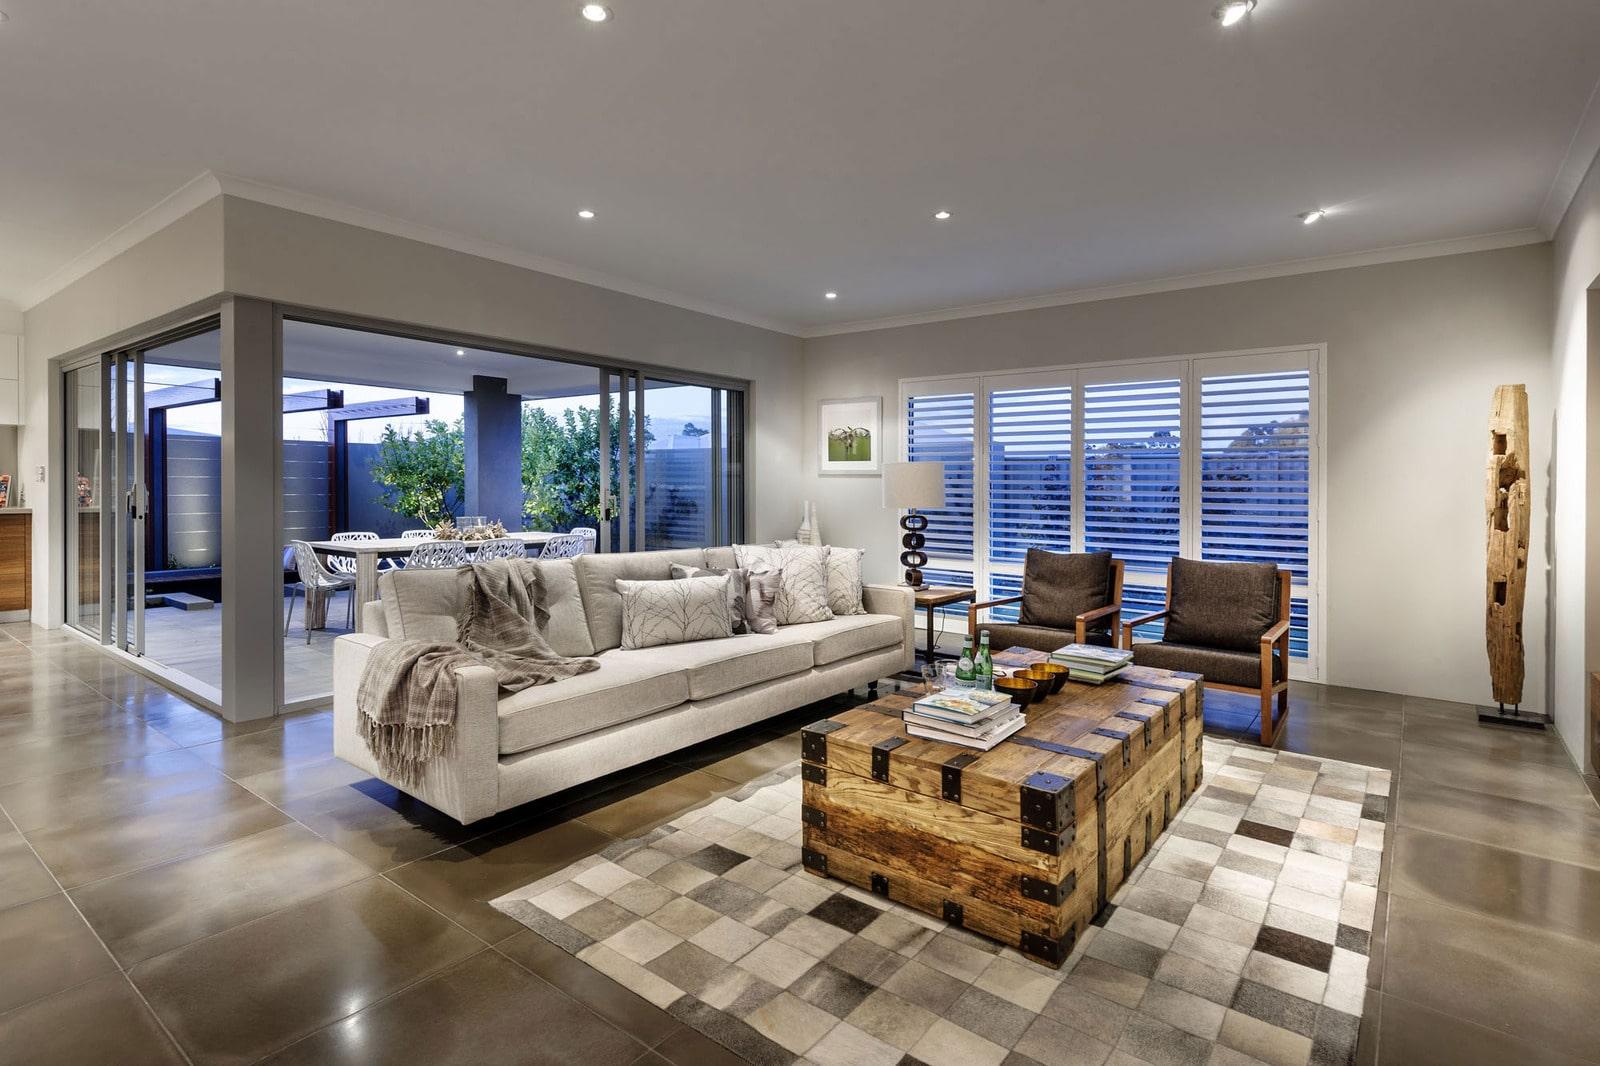 Dise o de casa moderna de dos pisos fachada e interiores - Decoracion interiores modernos ...